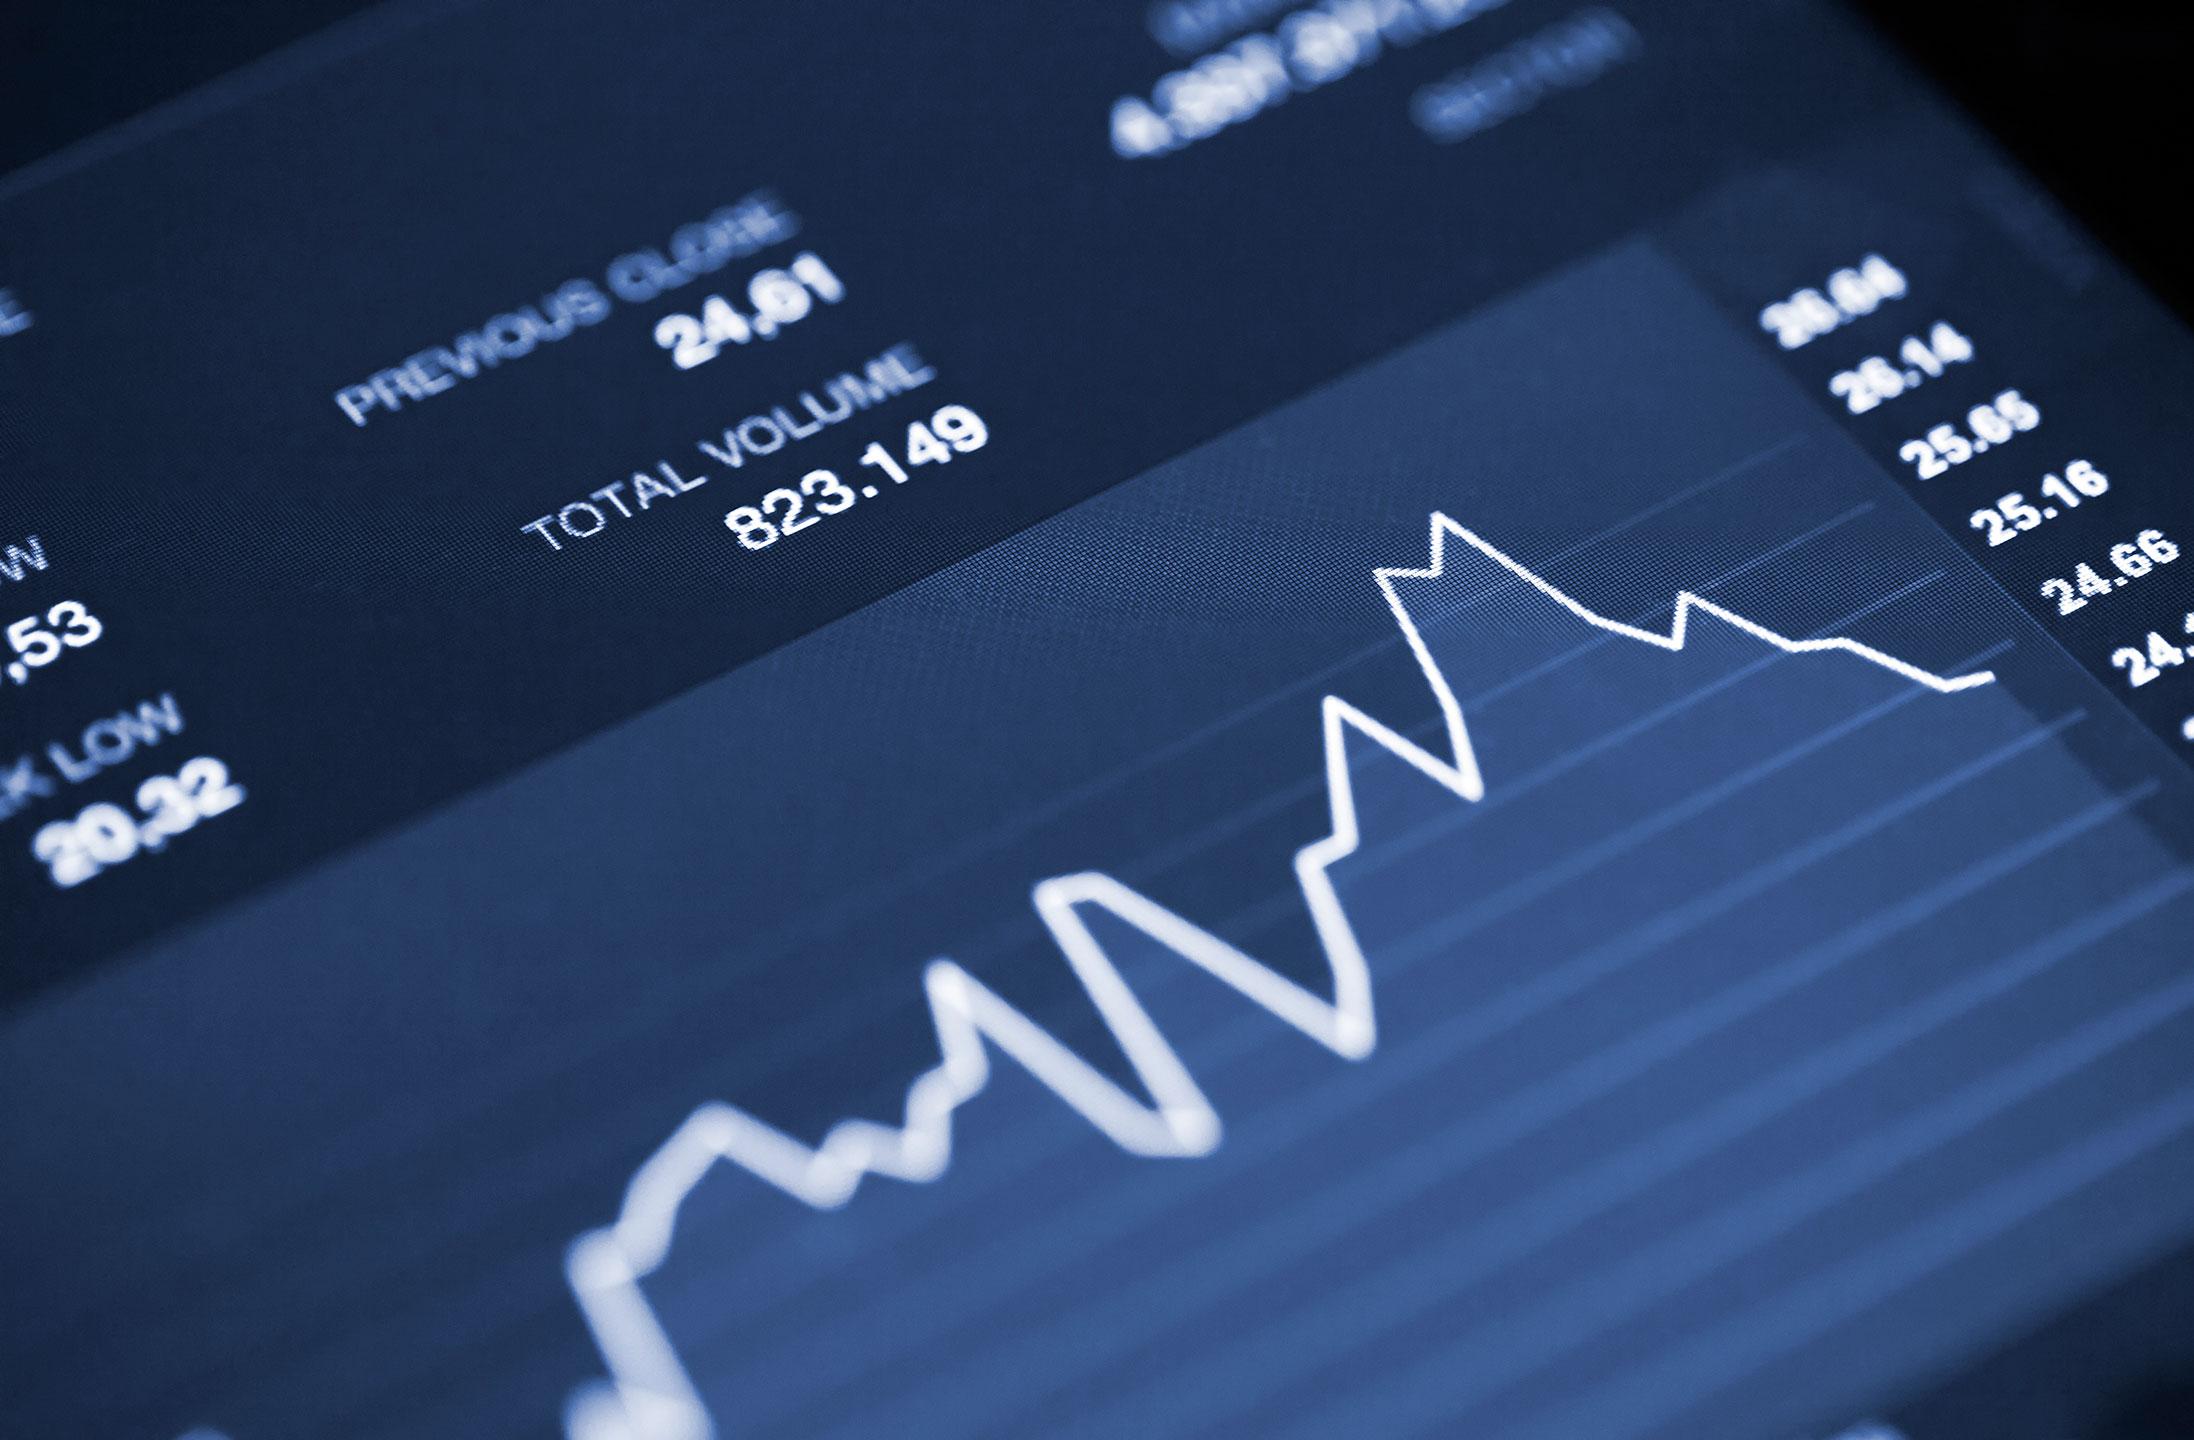 Инвестирование и торговля на рынках финансовых инструментов